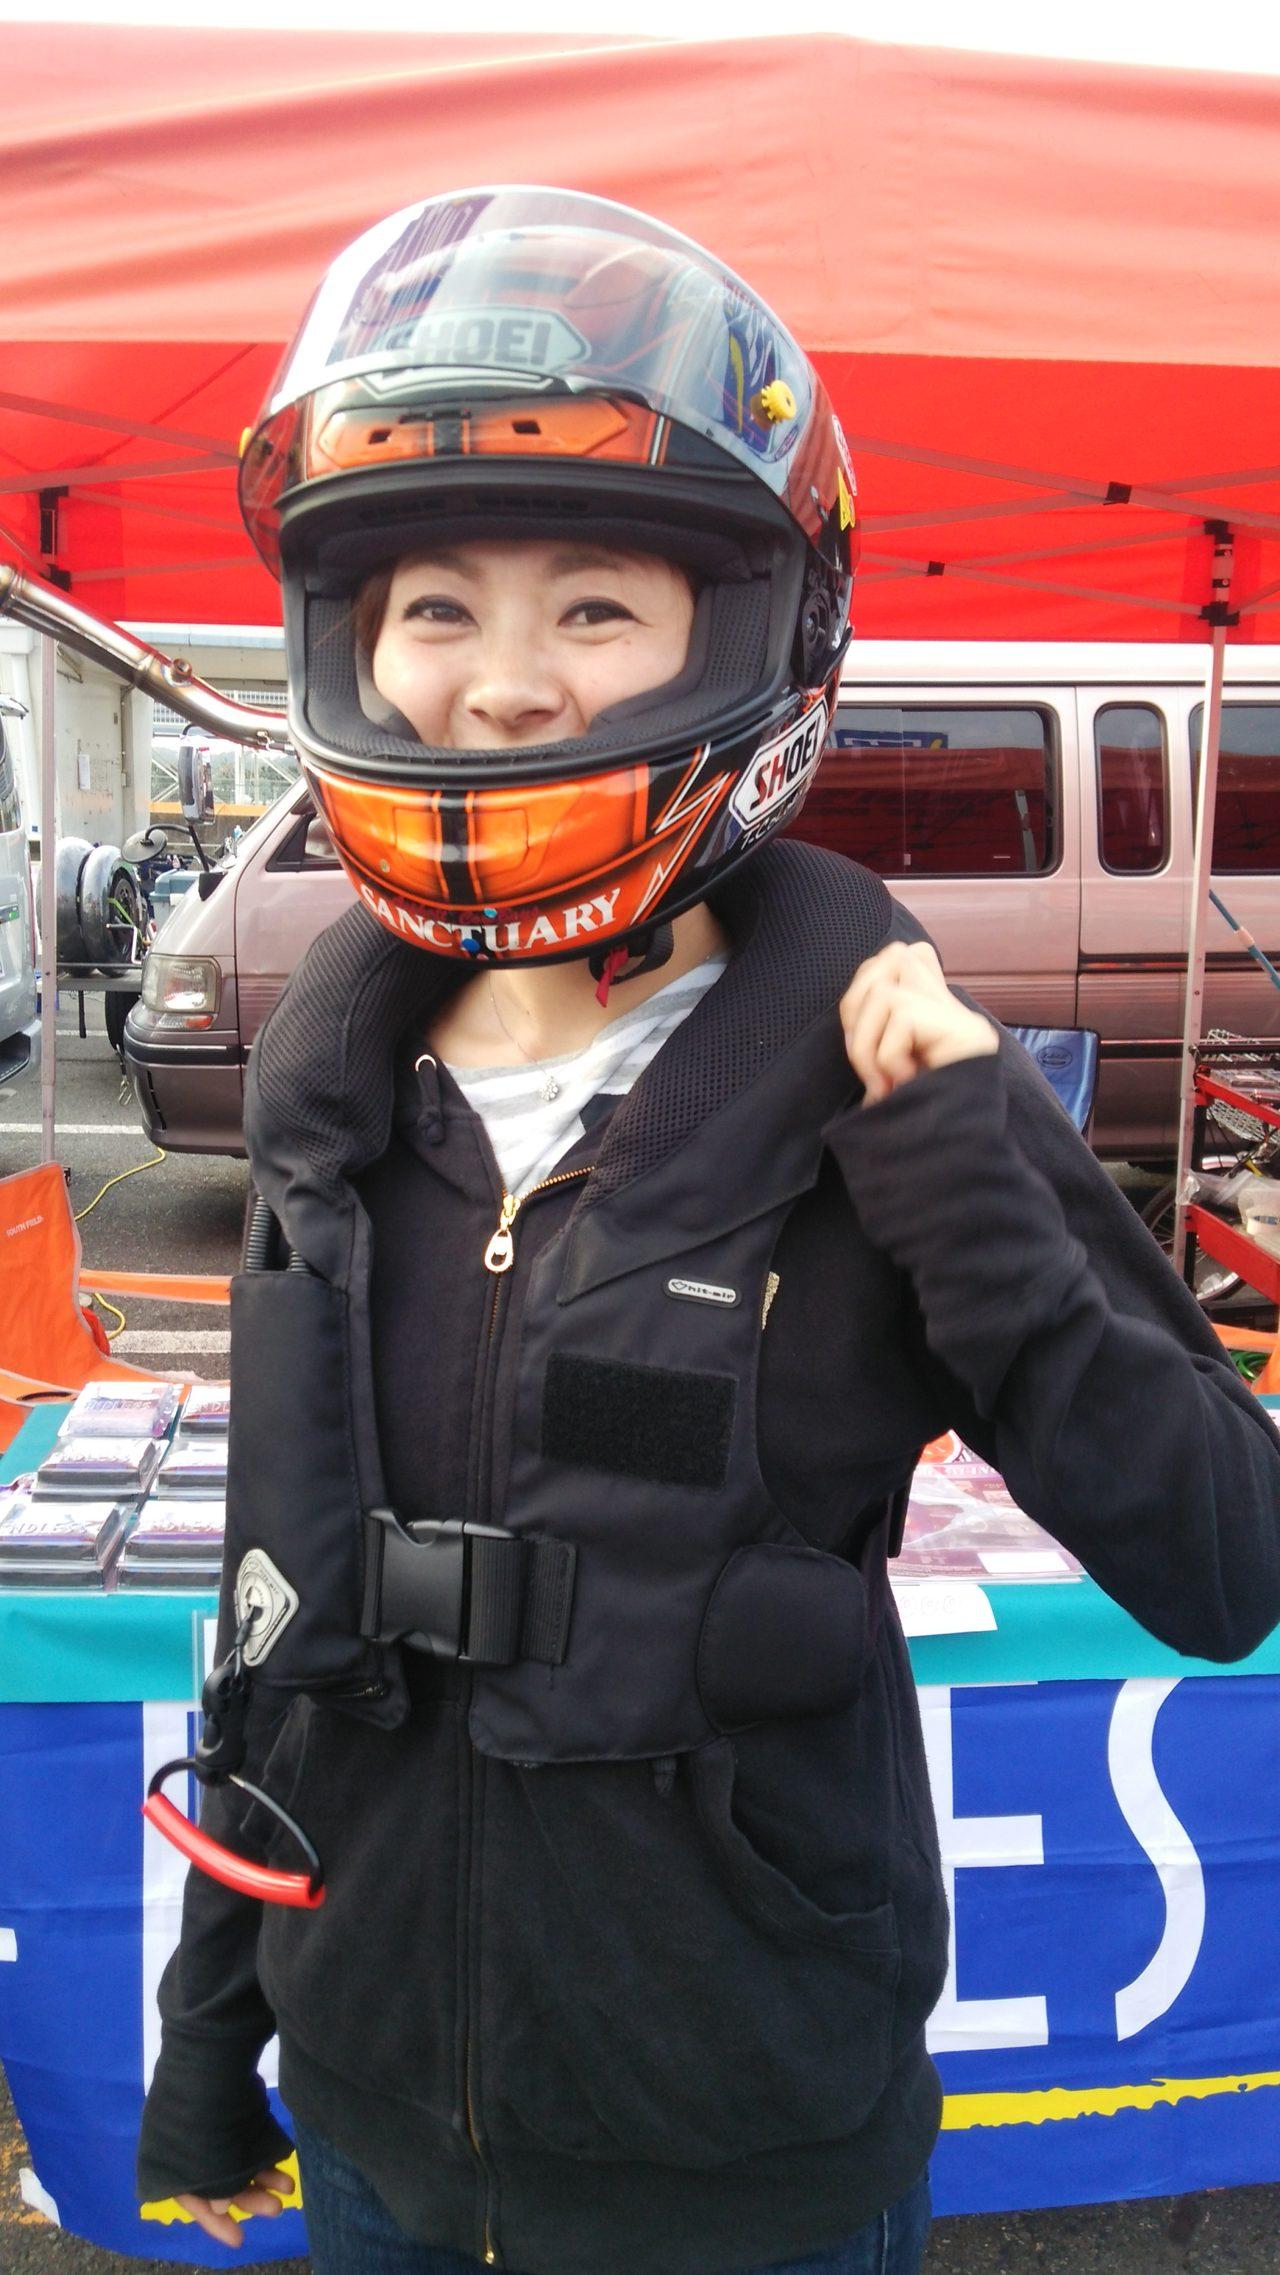 画像1: 事故の衝撃を少しでも減らす為に!!バイク用着るhit-air Neck Airbagを使ってみよう。